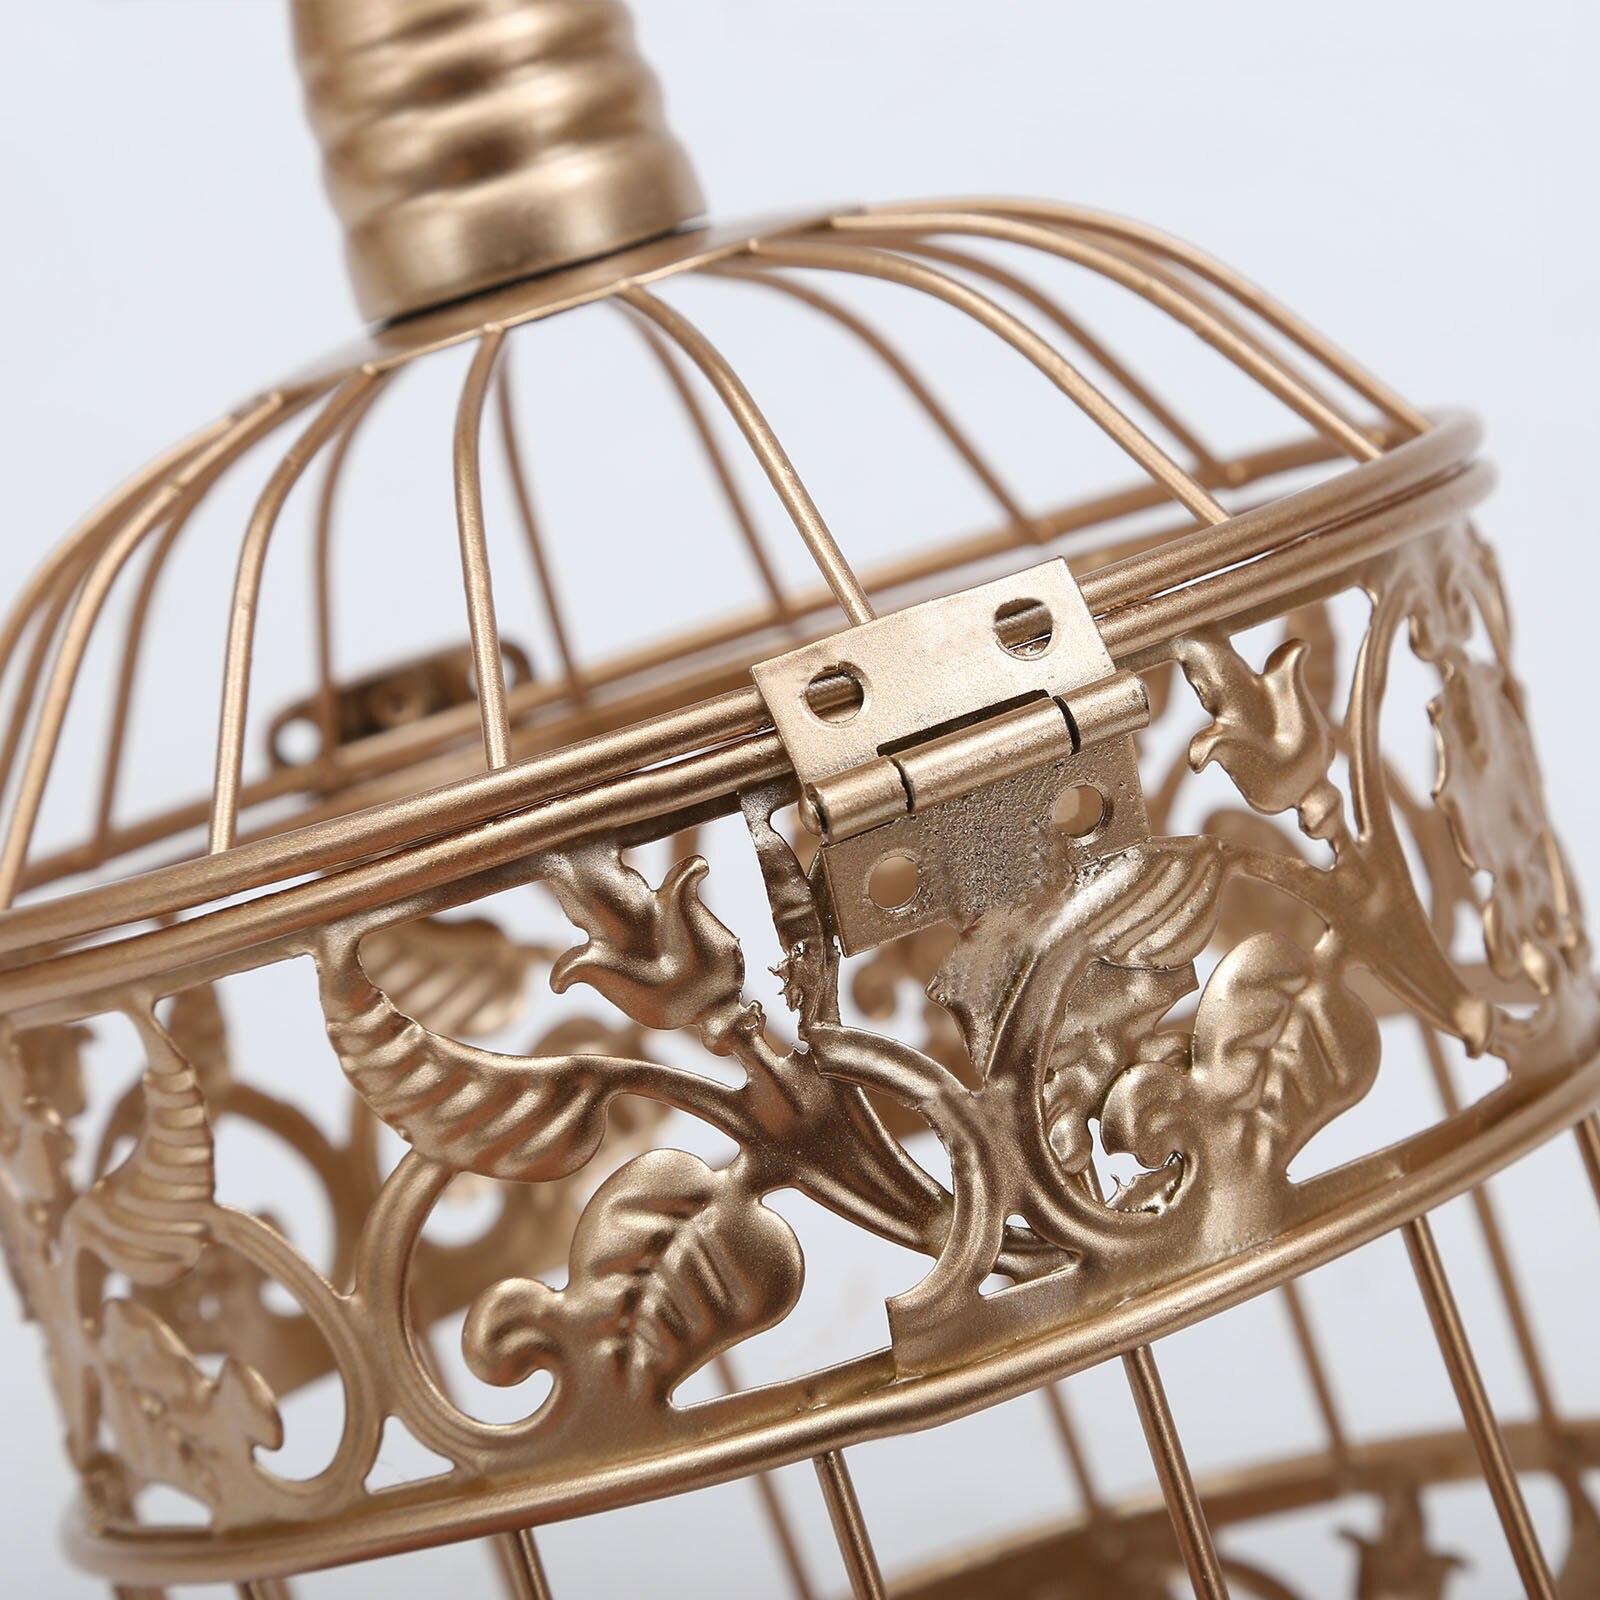 13 pièces/ensemble or blanc gâteau support ensemble rond en métal Cupcake Dessert affichage piédestal mariage présentoir gâteau décoration outil - 6